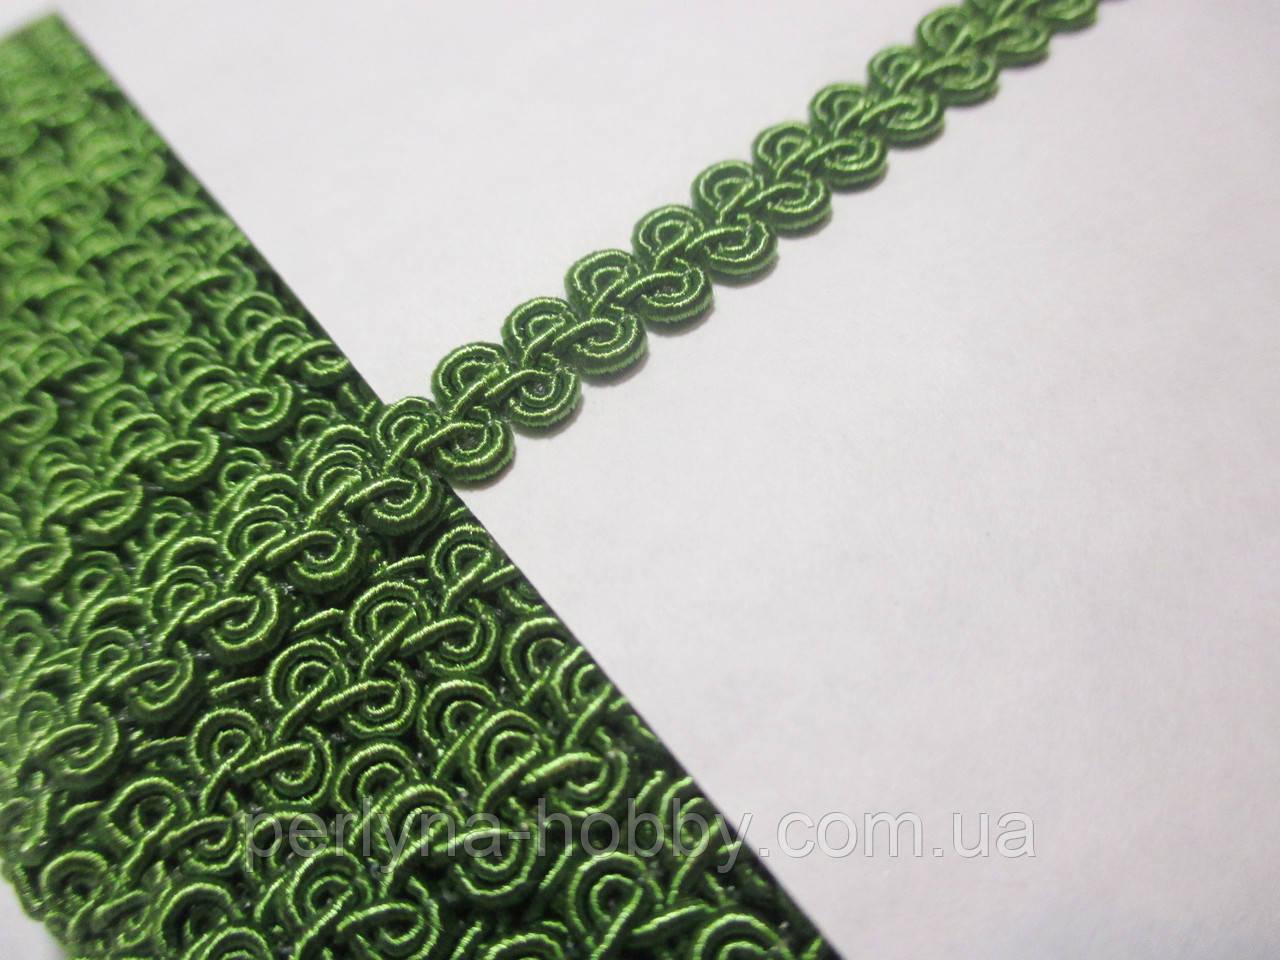 Тасьма декоративна Тасьма декоративна шанель вузька 6мм, зелена, горохова